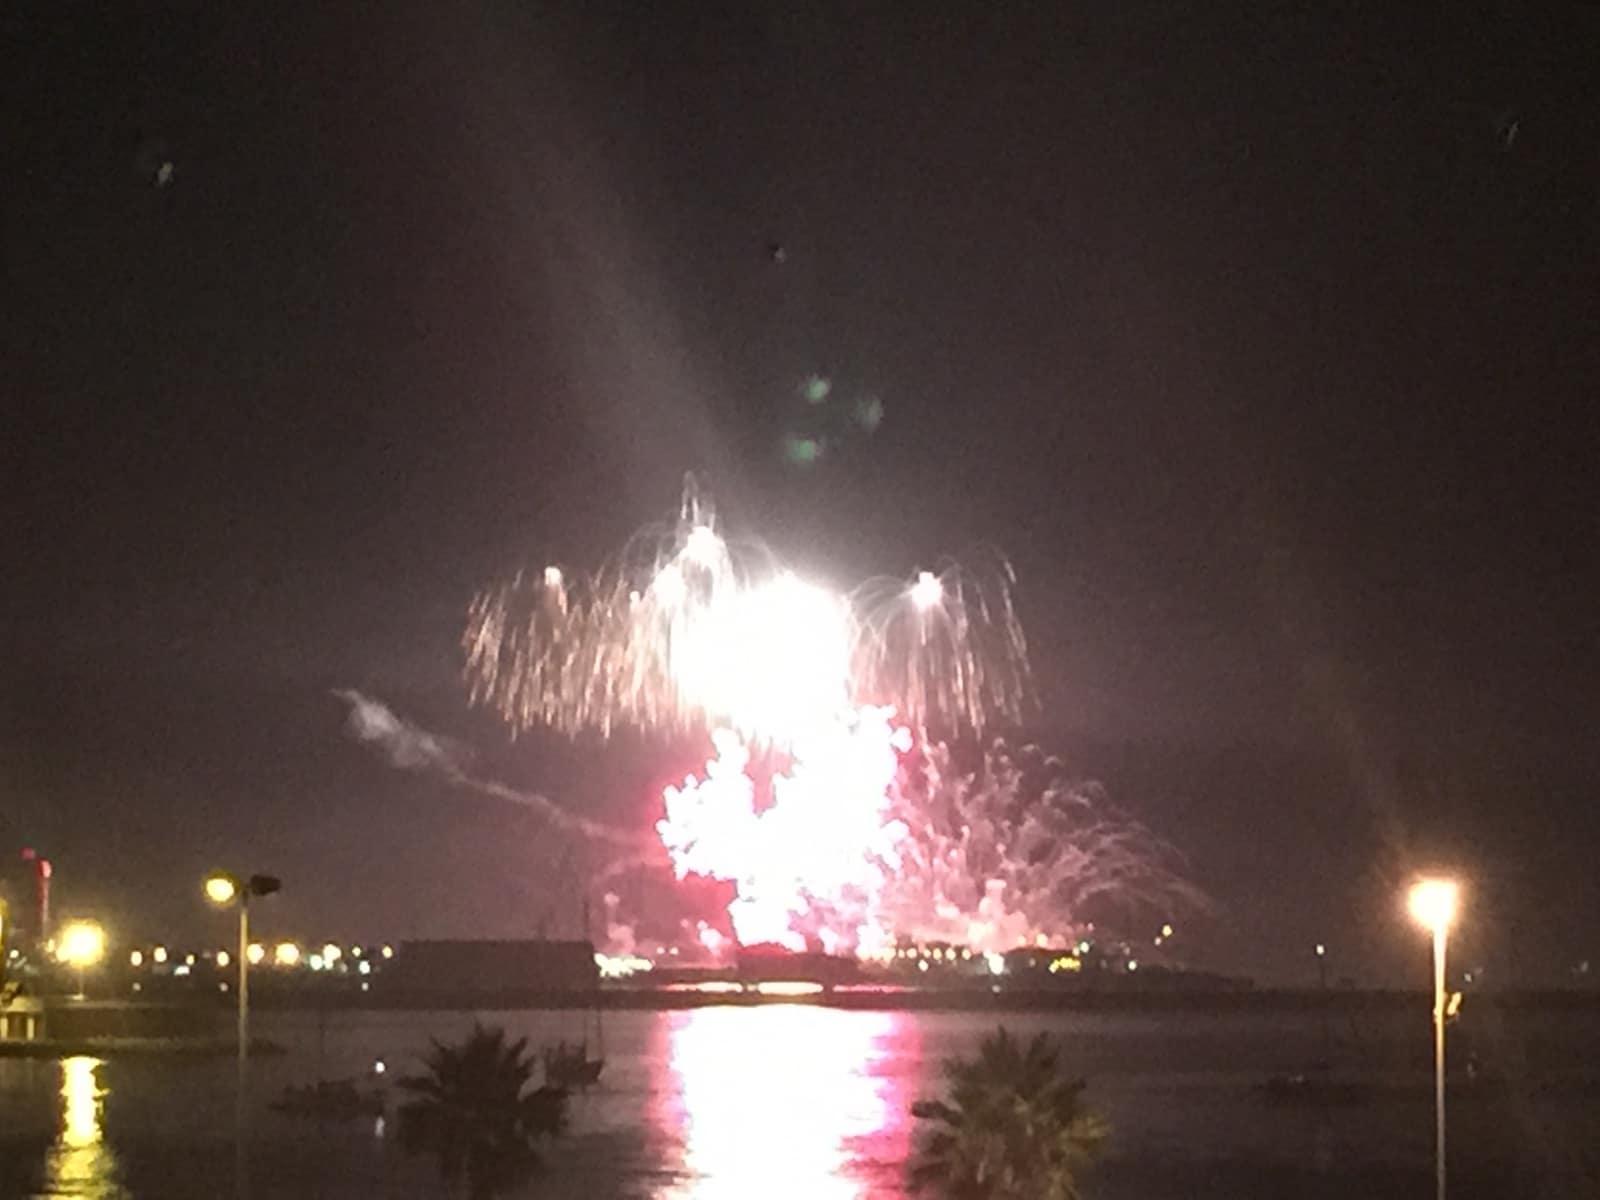 fuegos-artificiales-como-colofn-del-da-nacional-de-gibraltar-2015_22718960186_o